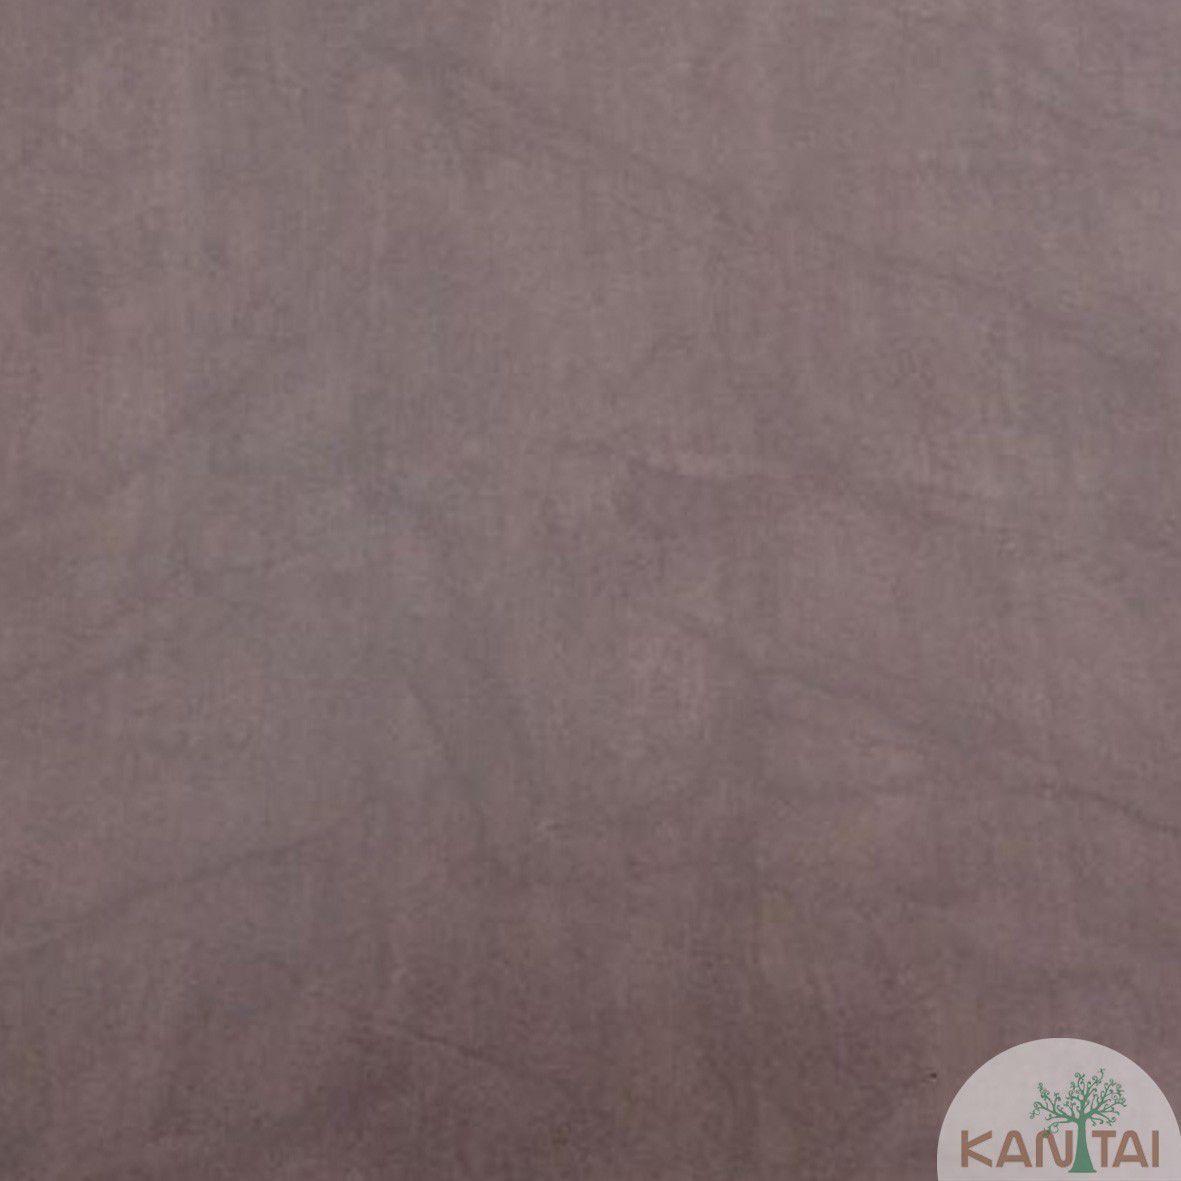 Papel de Parede  Kan Tai Vinilico Coleção Style  Cimento Queimado Lilás